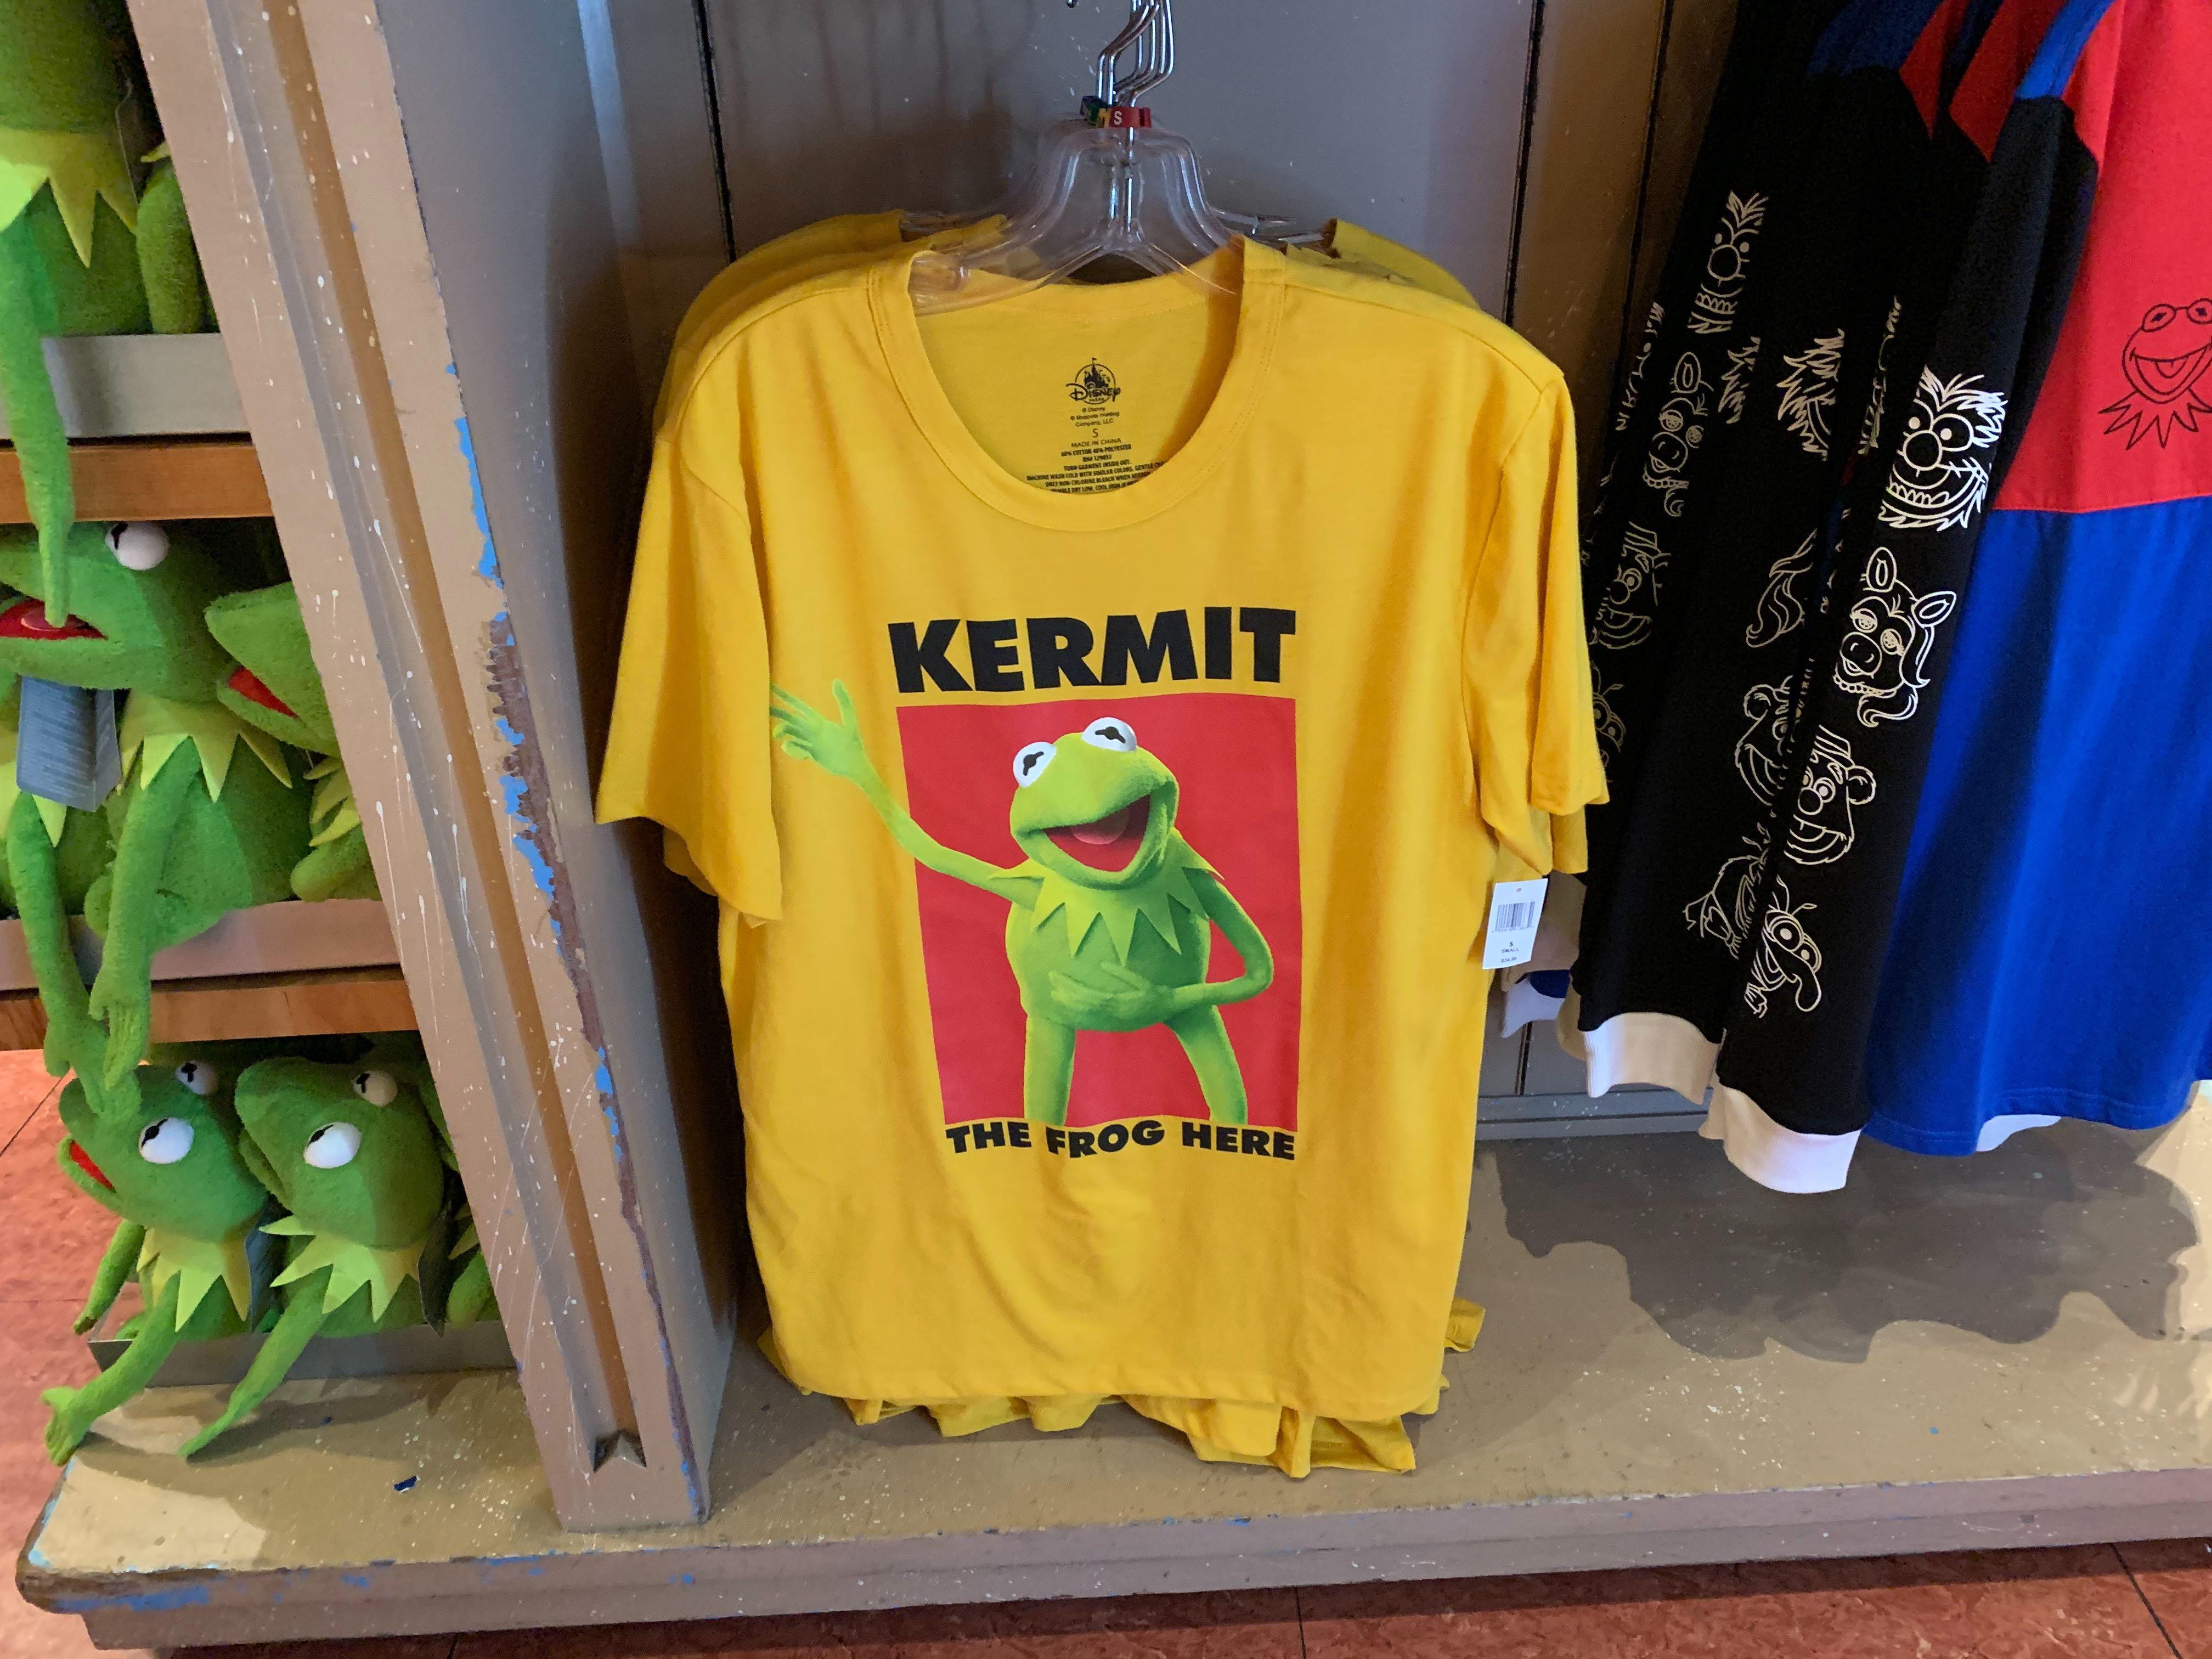 muppets-kermit-t-shirt-tshirt-tee-shirt-02-02-2020.jpg